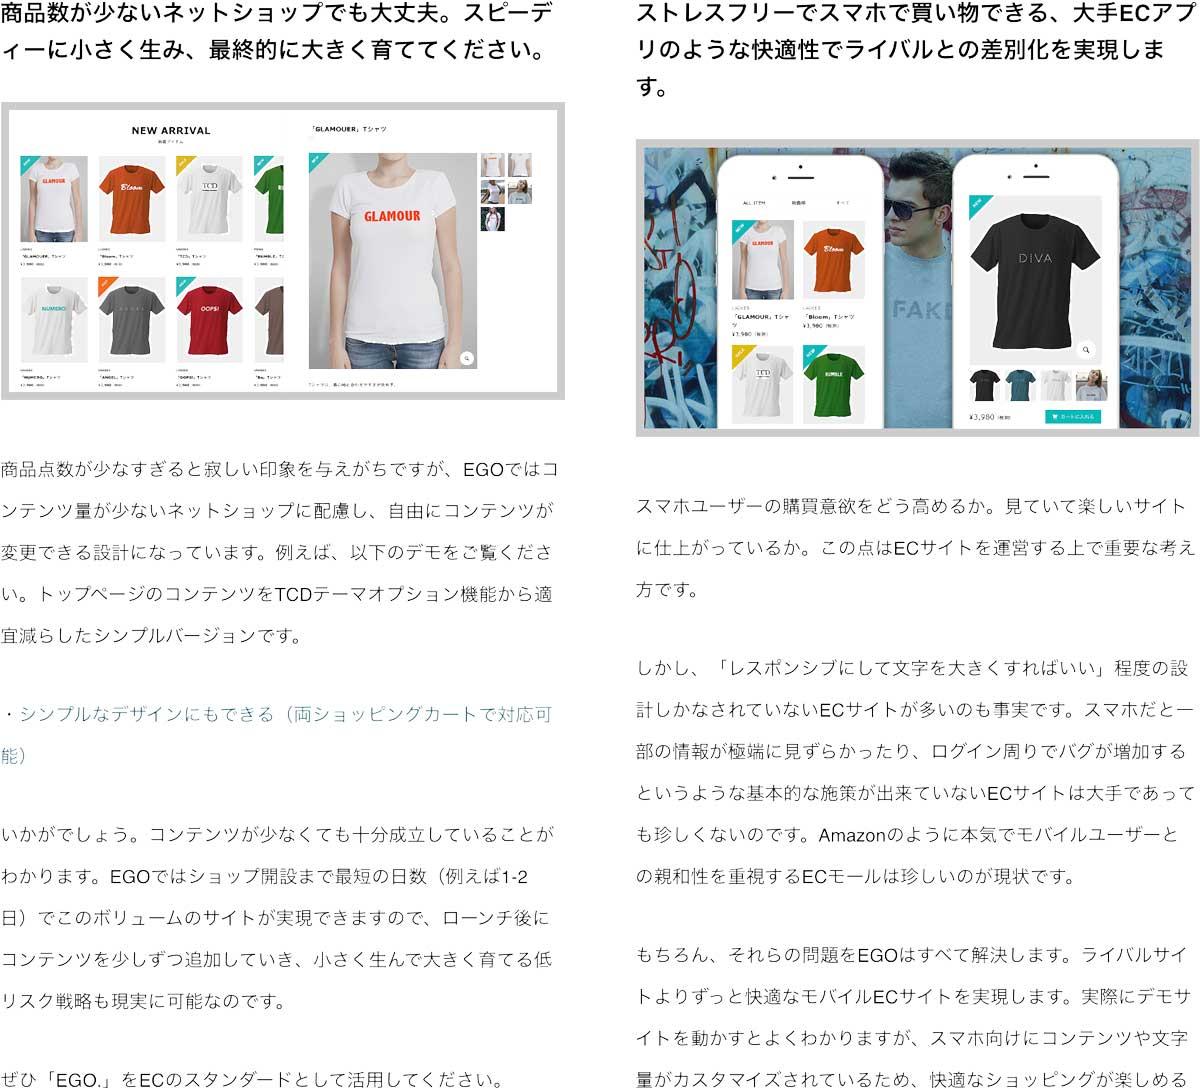 ショッピングカート「WooCommerce・Welcart」対応のECサイト向けWordPressテーマ「EGO.」 wordpress_free_themes_tcd079_04